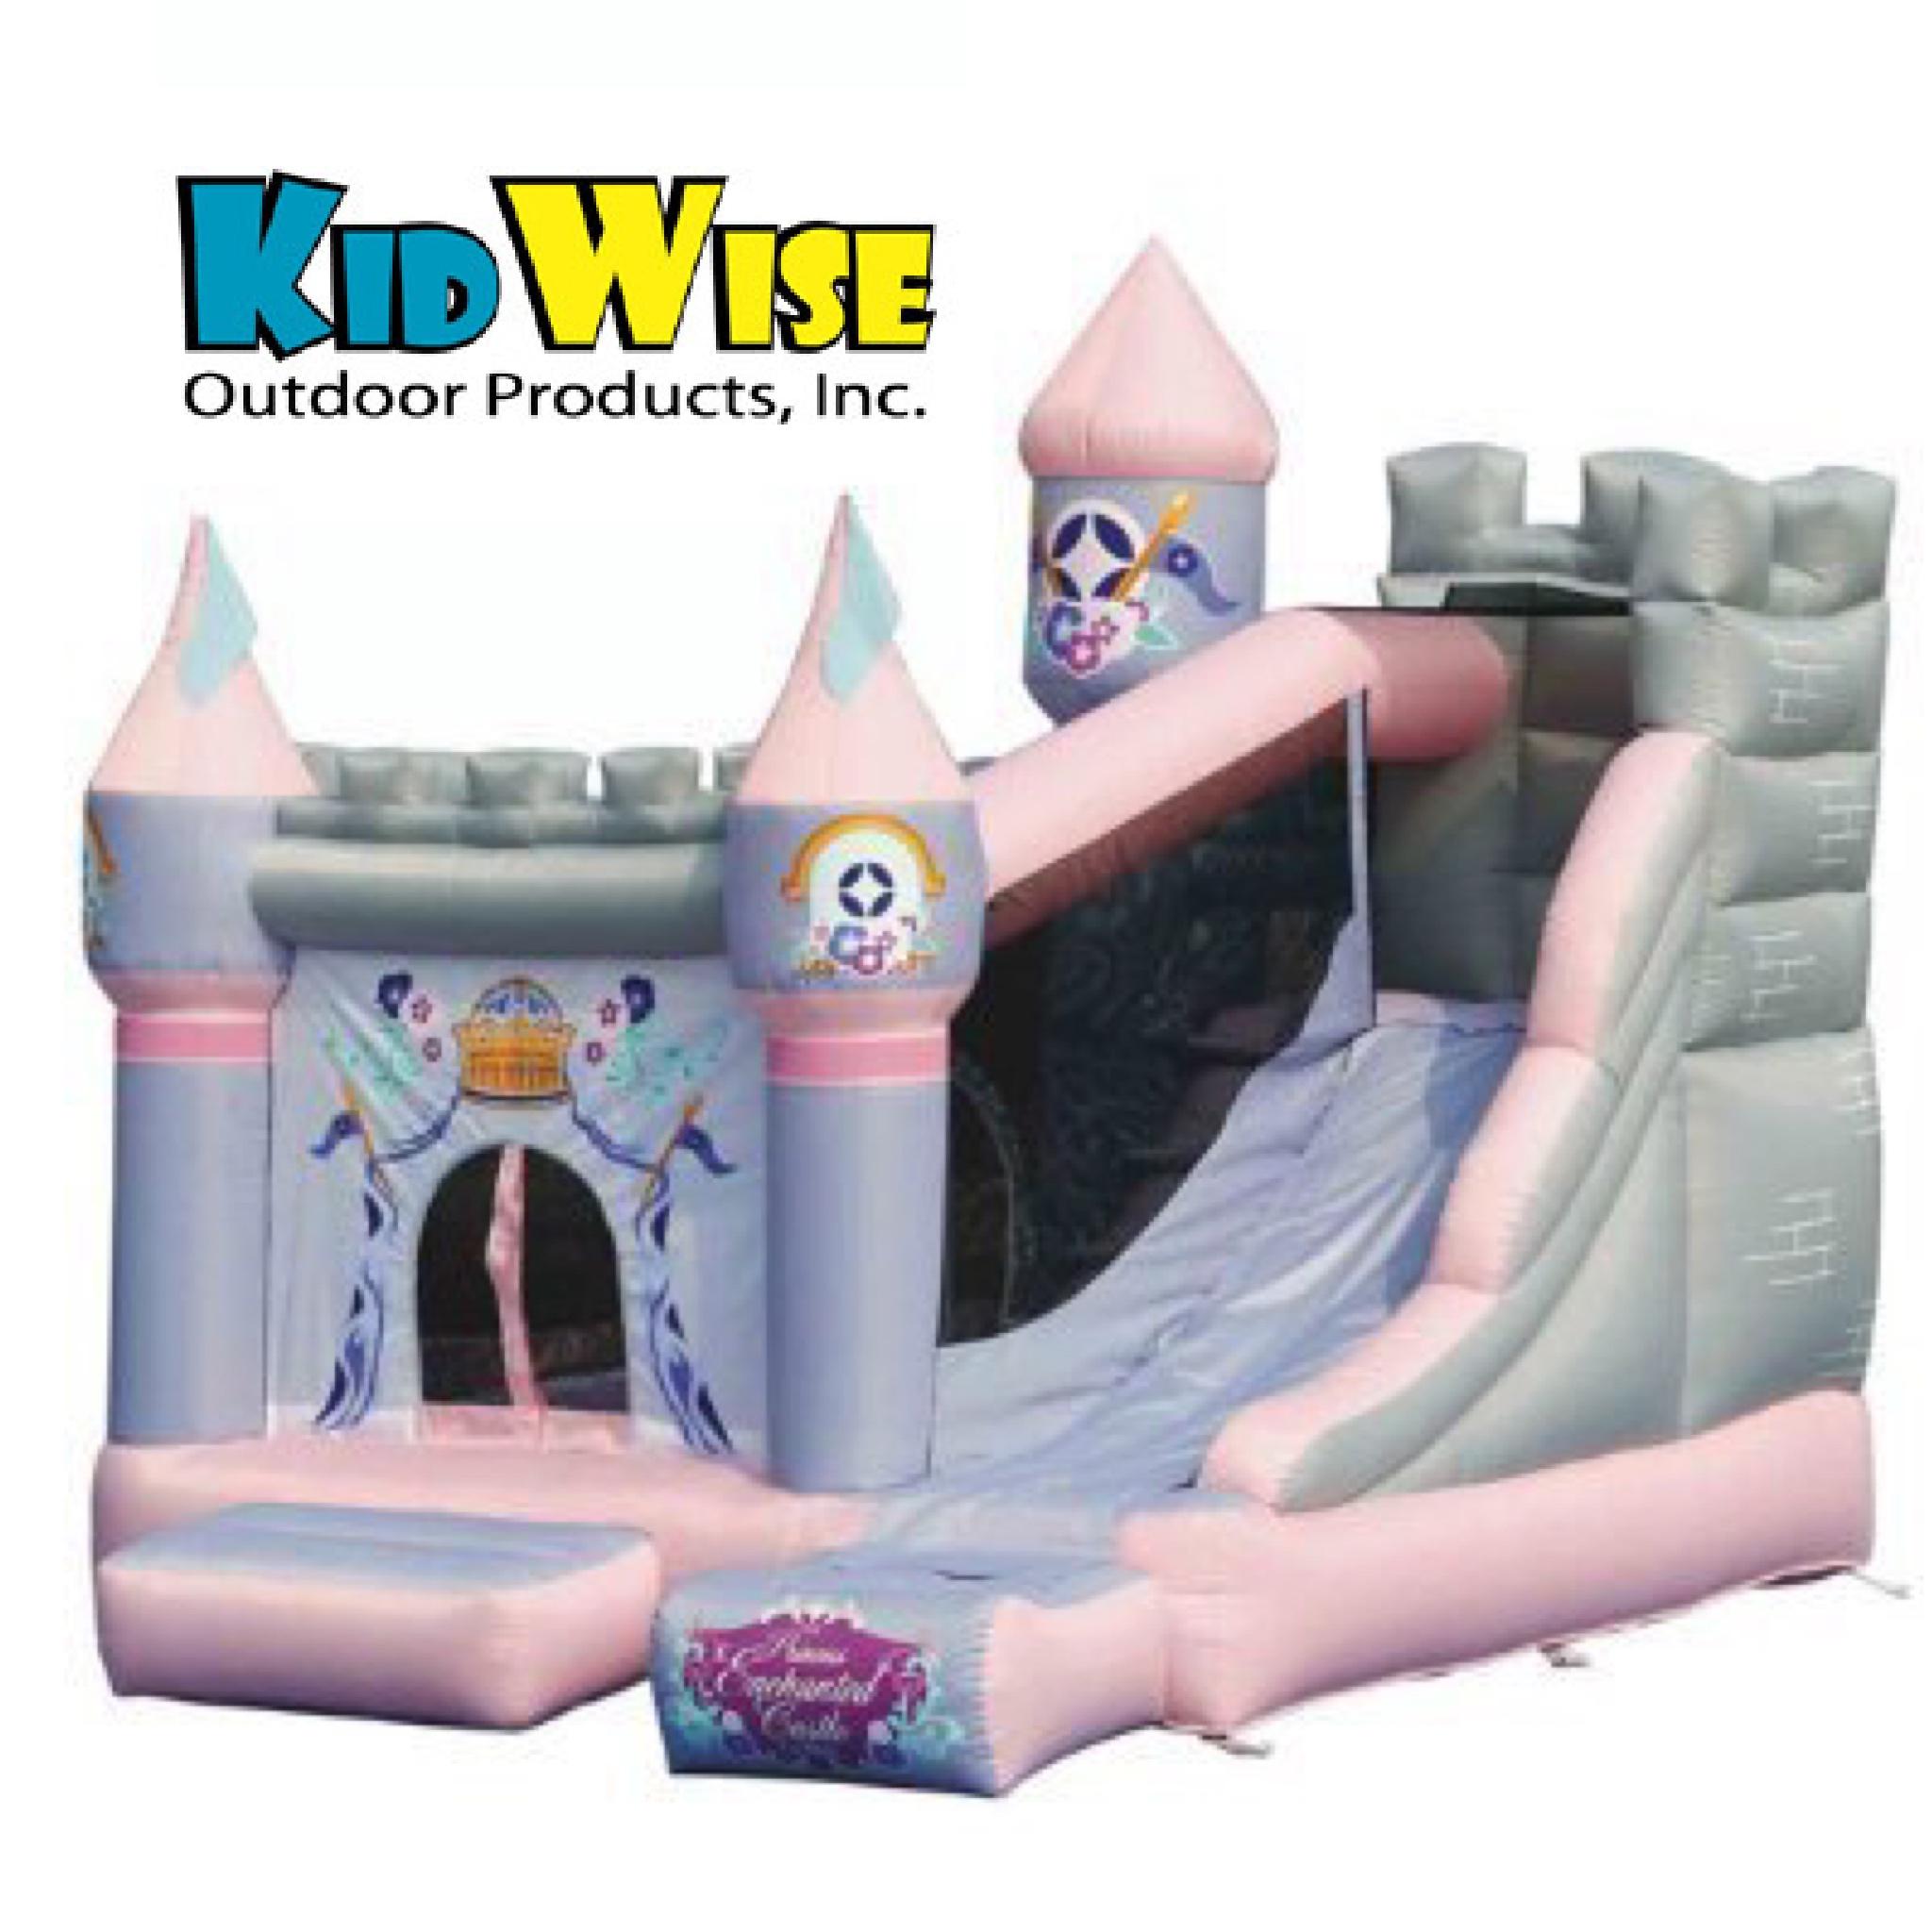 ปราสาทเจ้าหญิงกระโดดดึ๋งสุดอลังการ KidWise Enchanted Princess Castle with Slide Bounce House